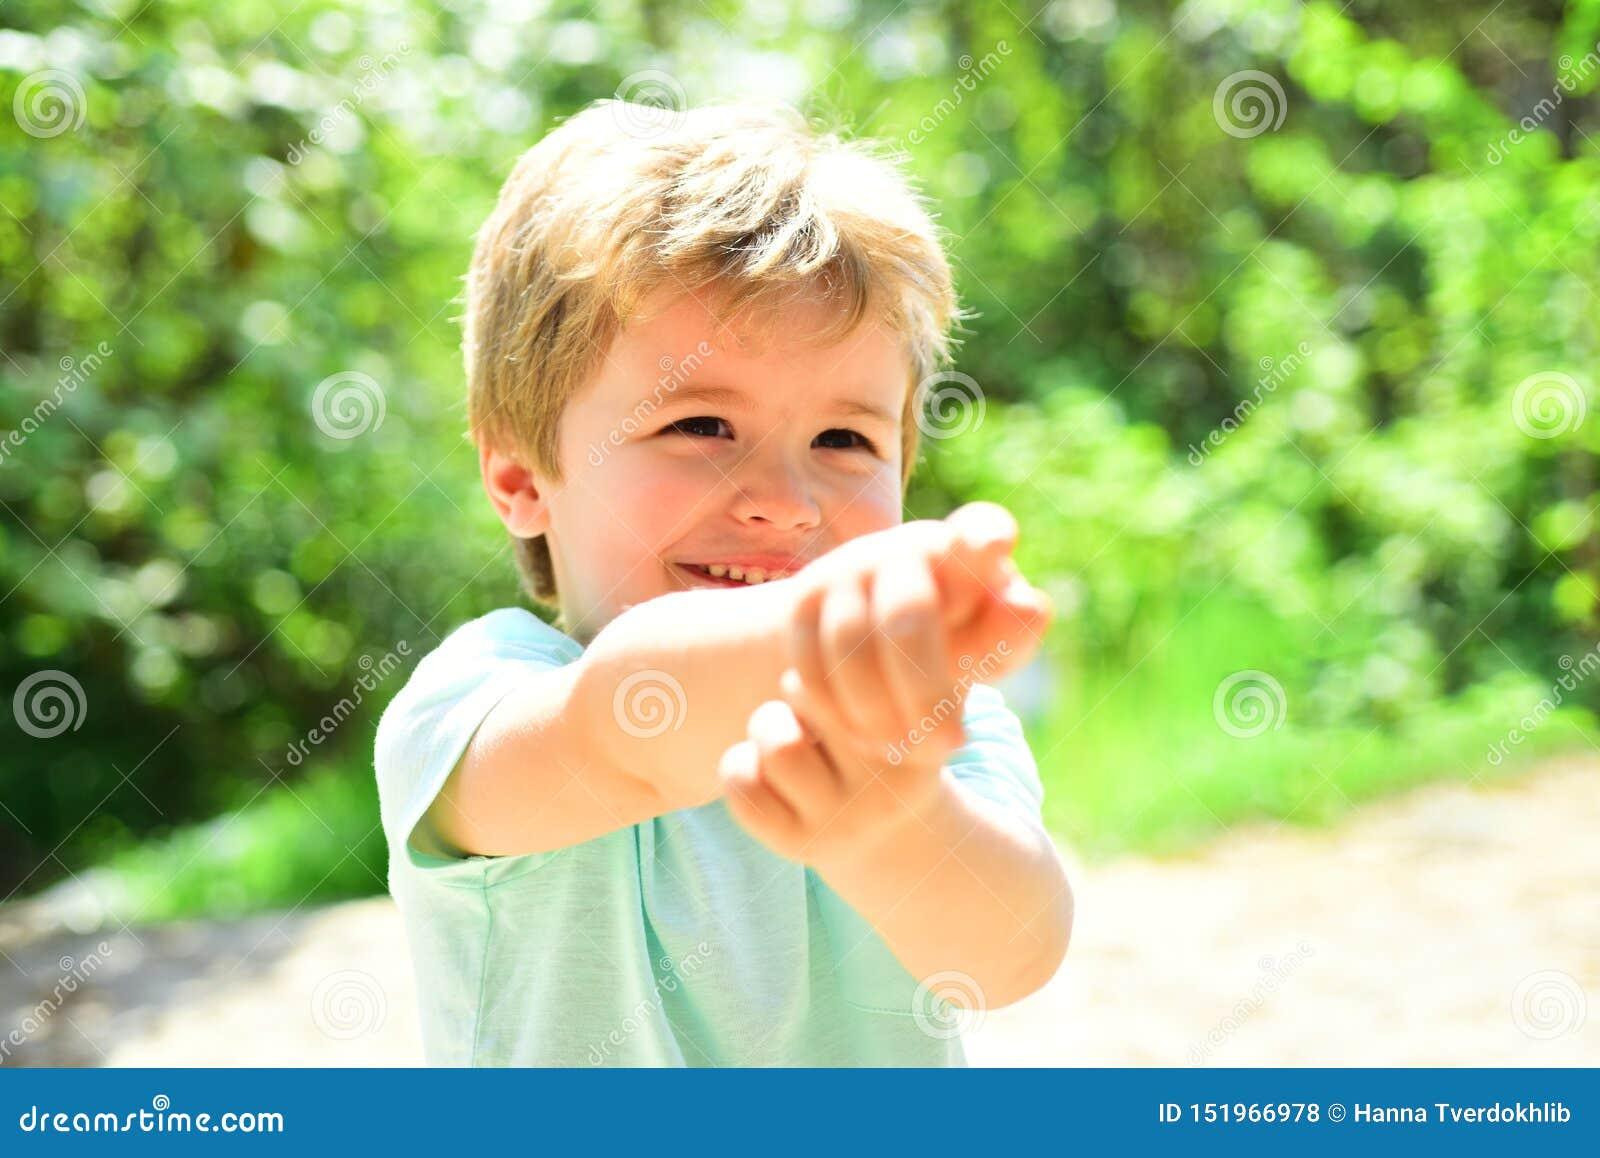 Gullig barnpunkt på någonstans med hjälpen av hans finger Lyckligt barn utanför Scincere gladlynta sinnesrörelser från unge